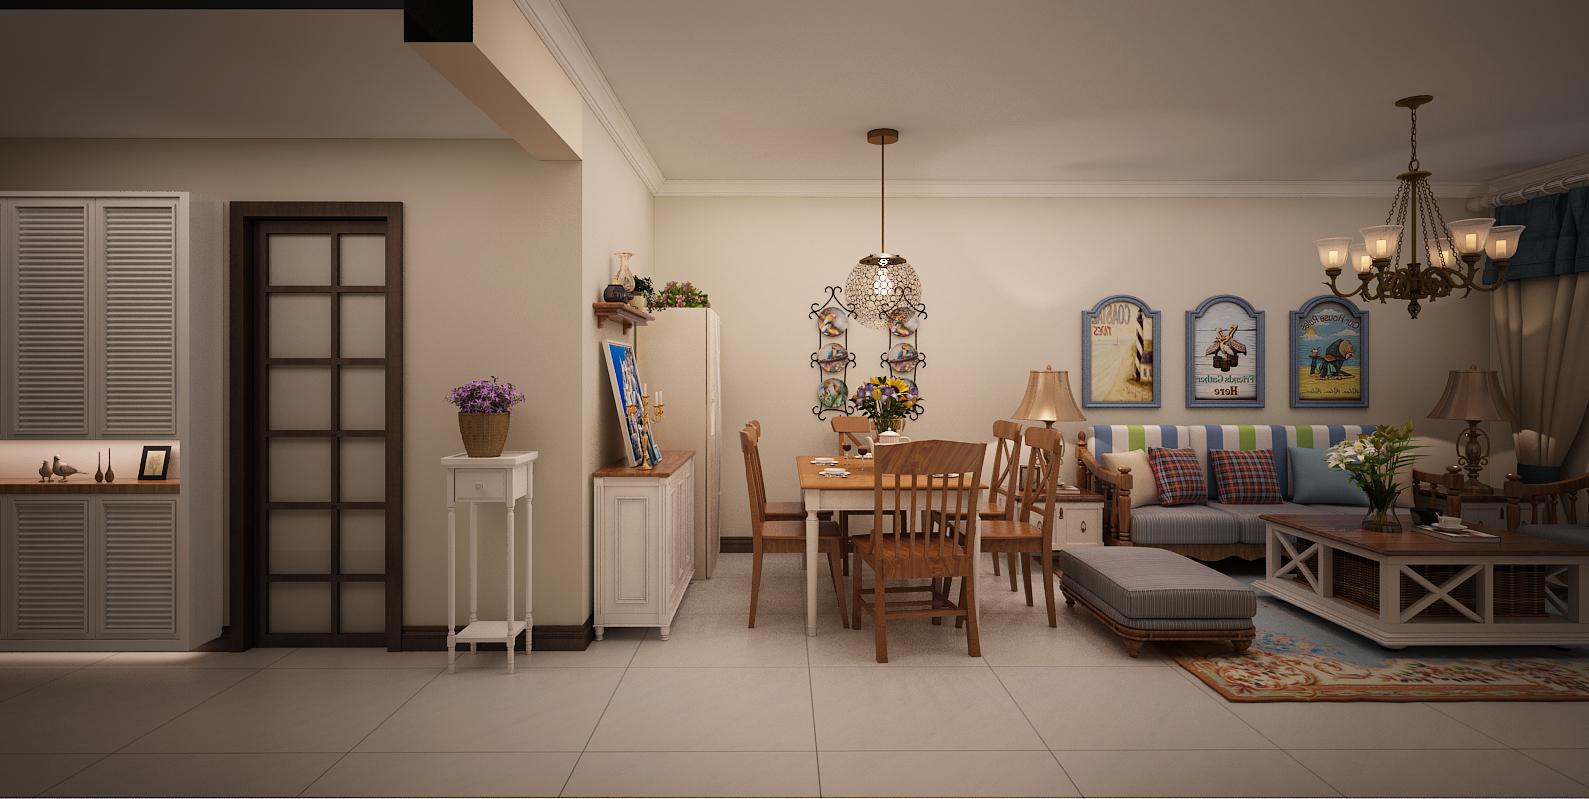 田园 二居 效果图 客厅 玄关图片来自兰州实创装饰香香在田园风格-城南国际的分享